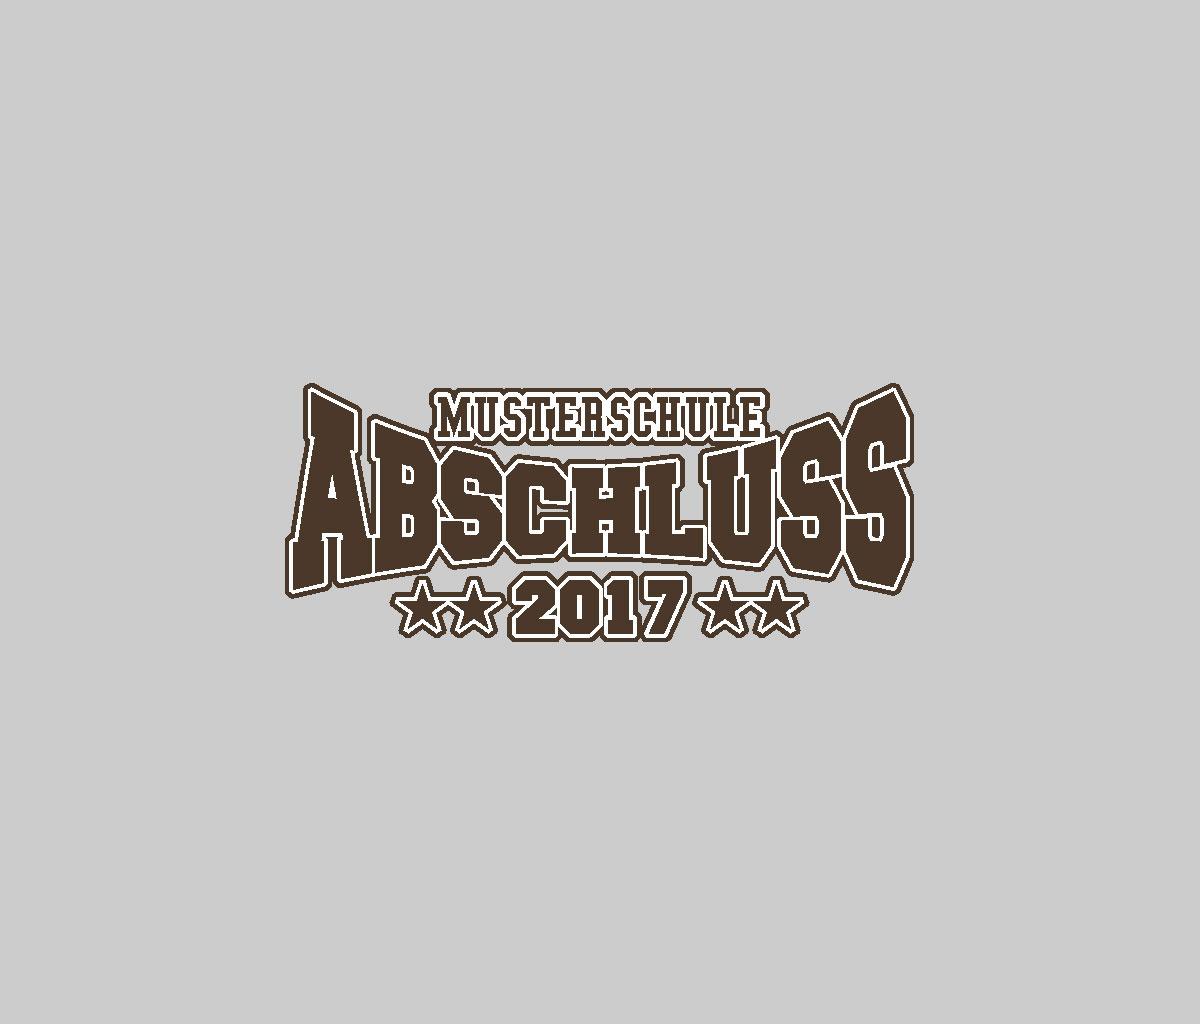 Wunderbar Abschlusszeichnung Zeitgenössisch - Die Besten ...